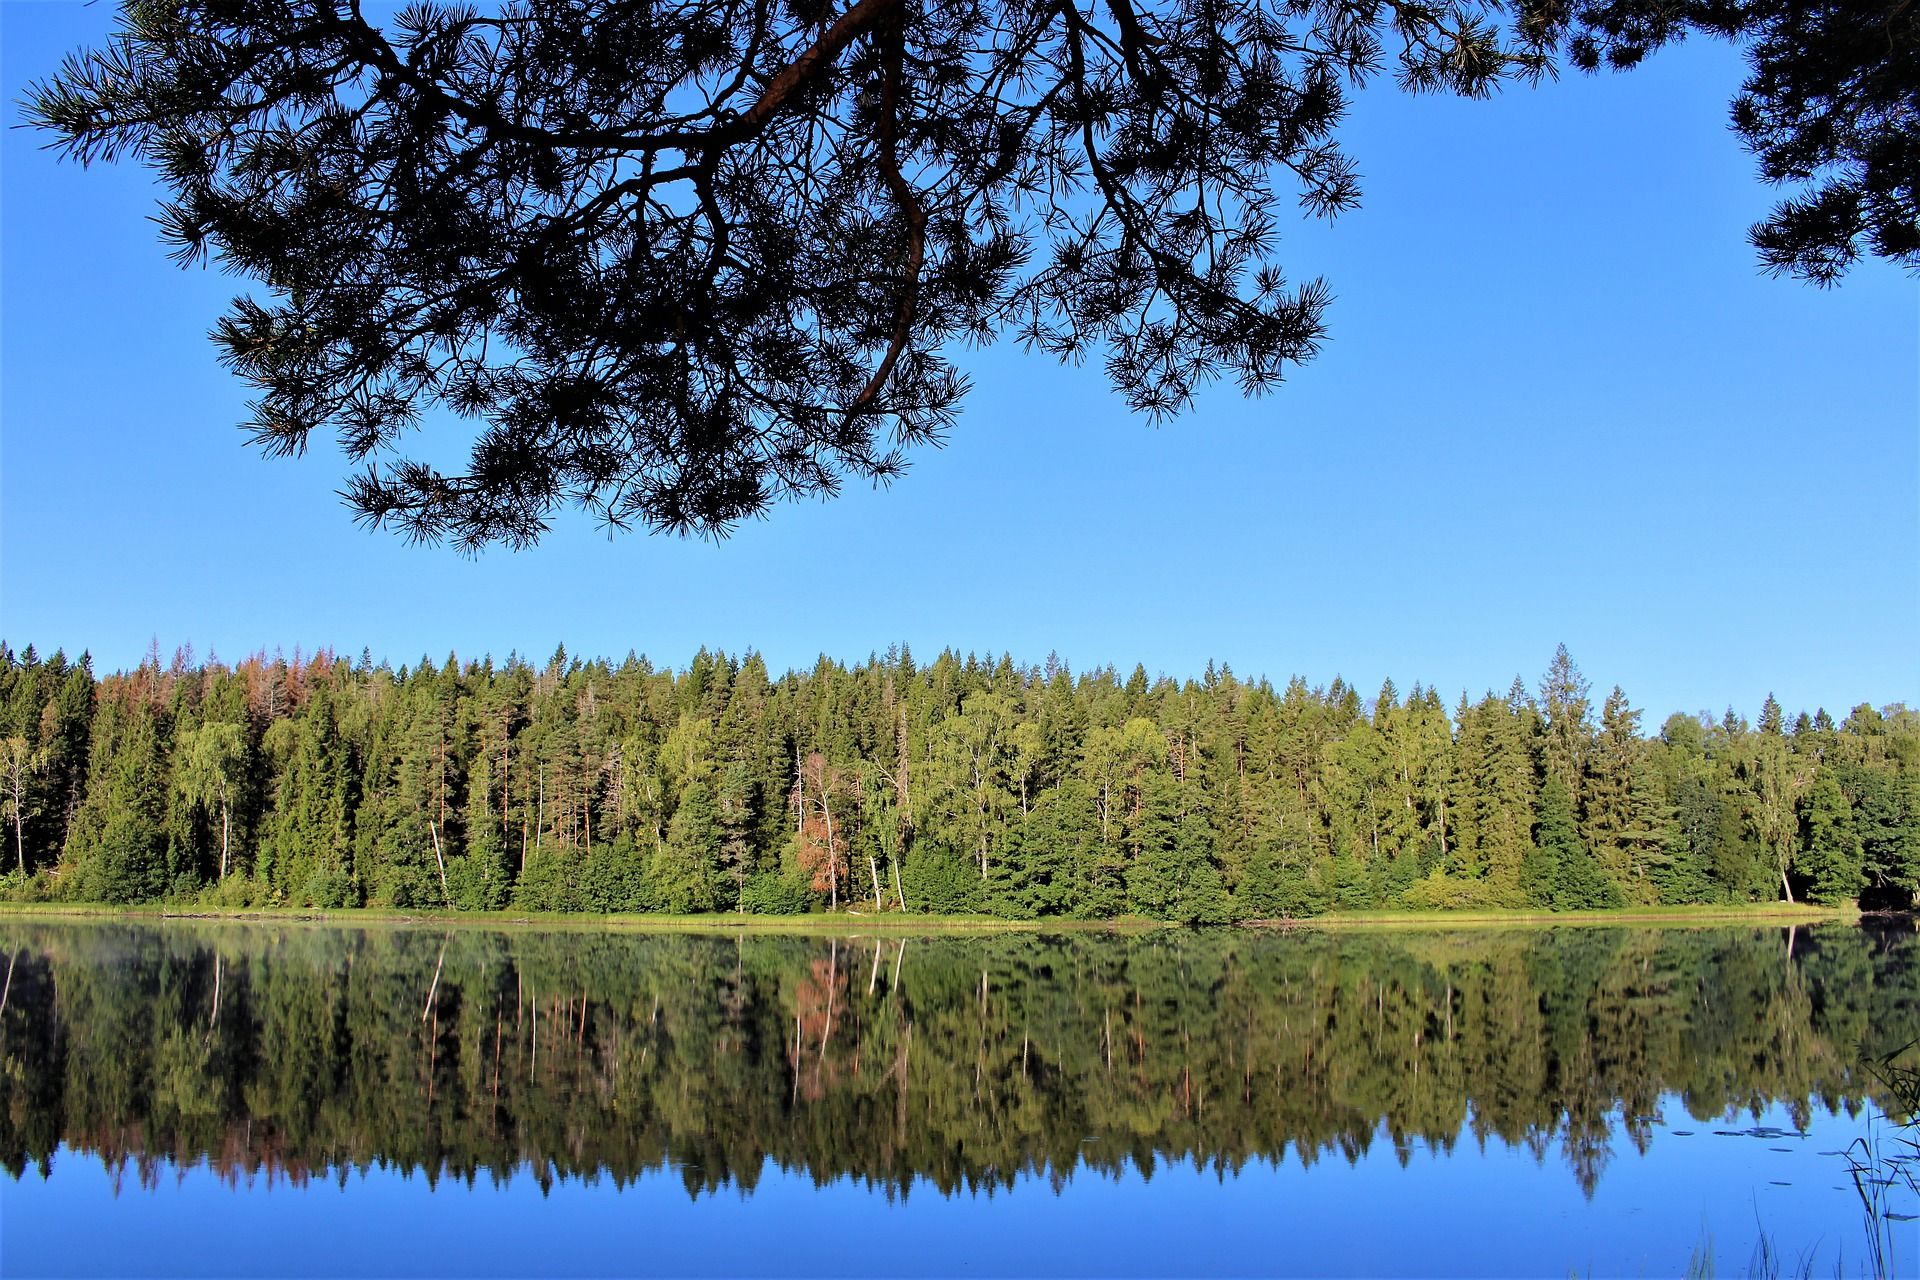 lake-4732284_1920.jpg